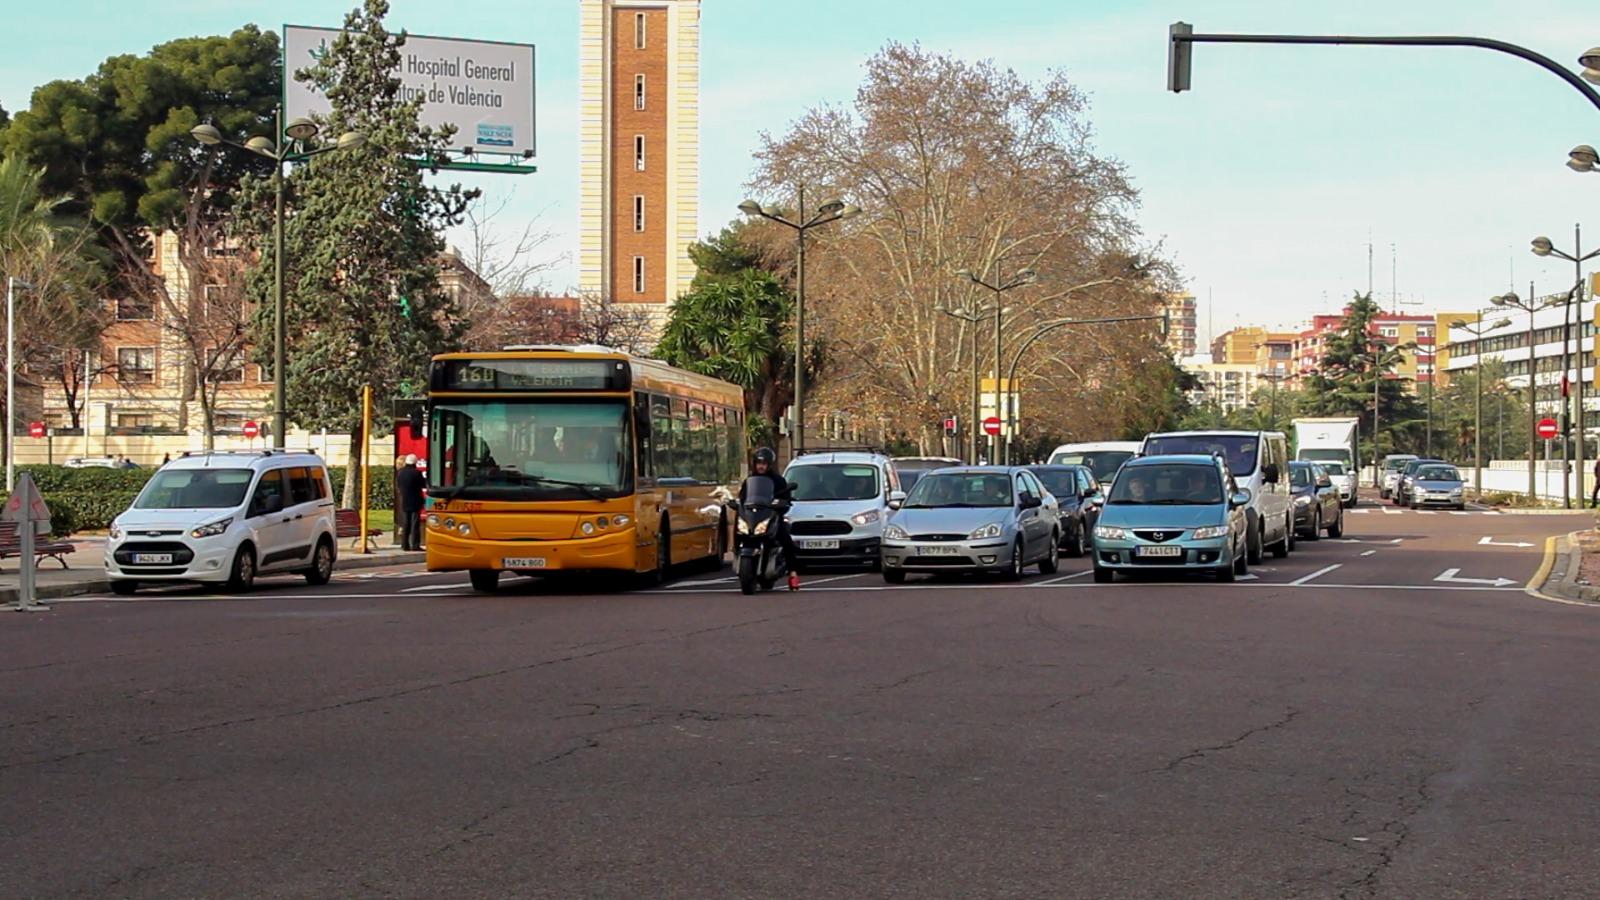 El Consell adapta el transport de persones per carretera a la fase 2 de la desescalada i manté el servei amb la màxima seguretat